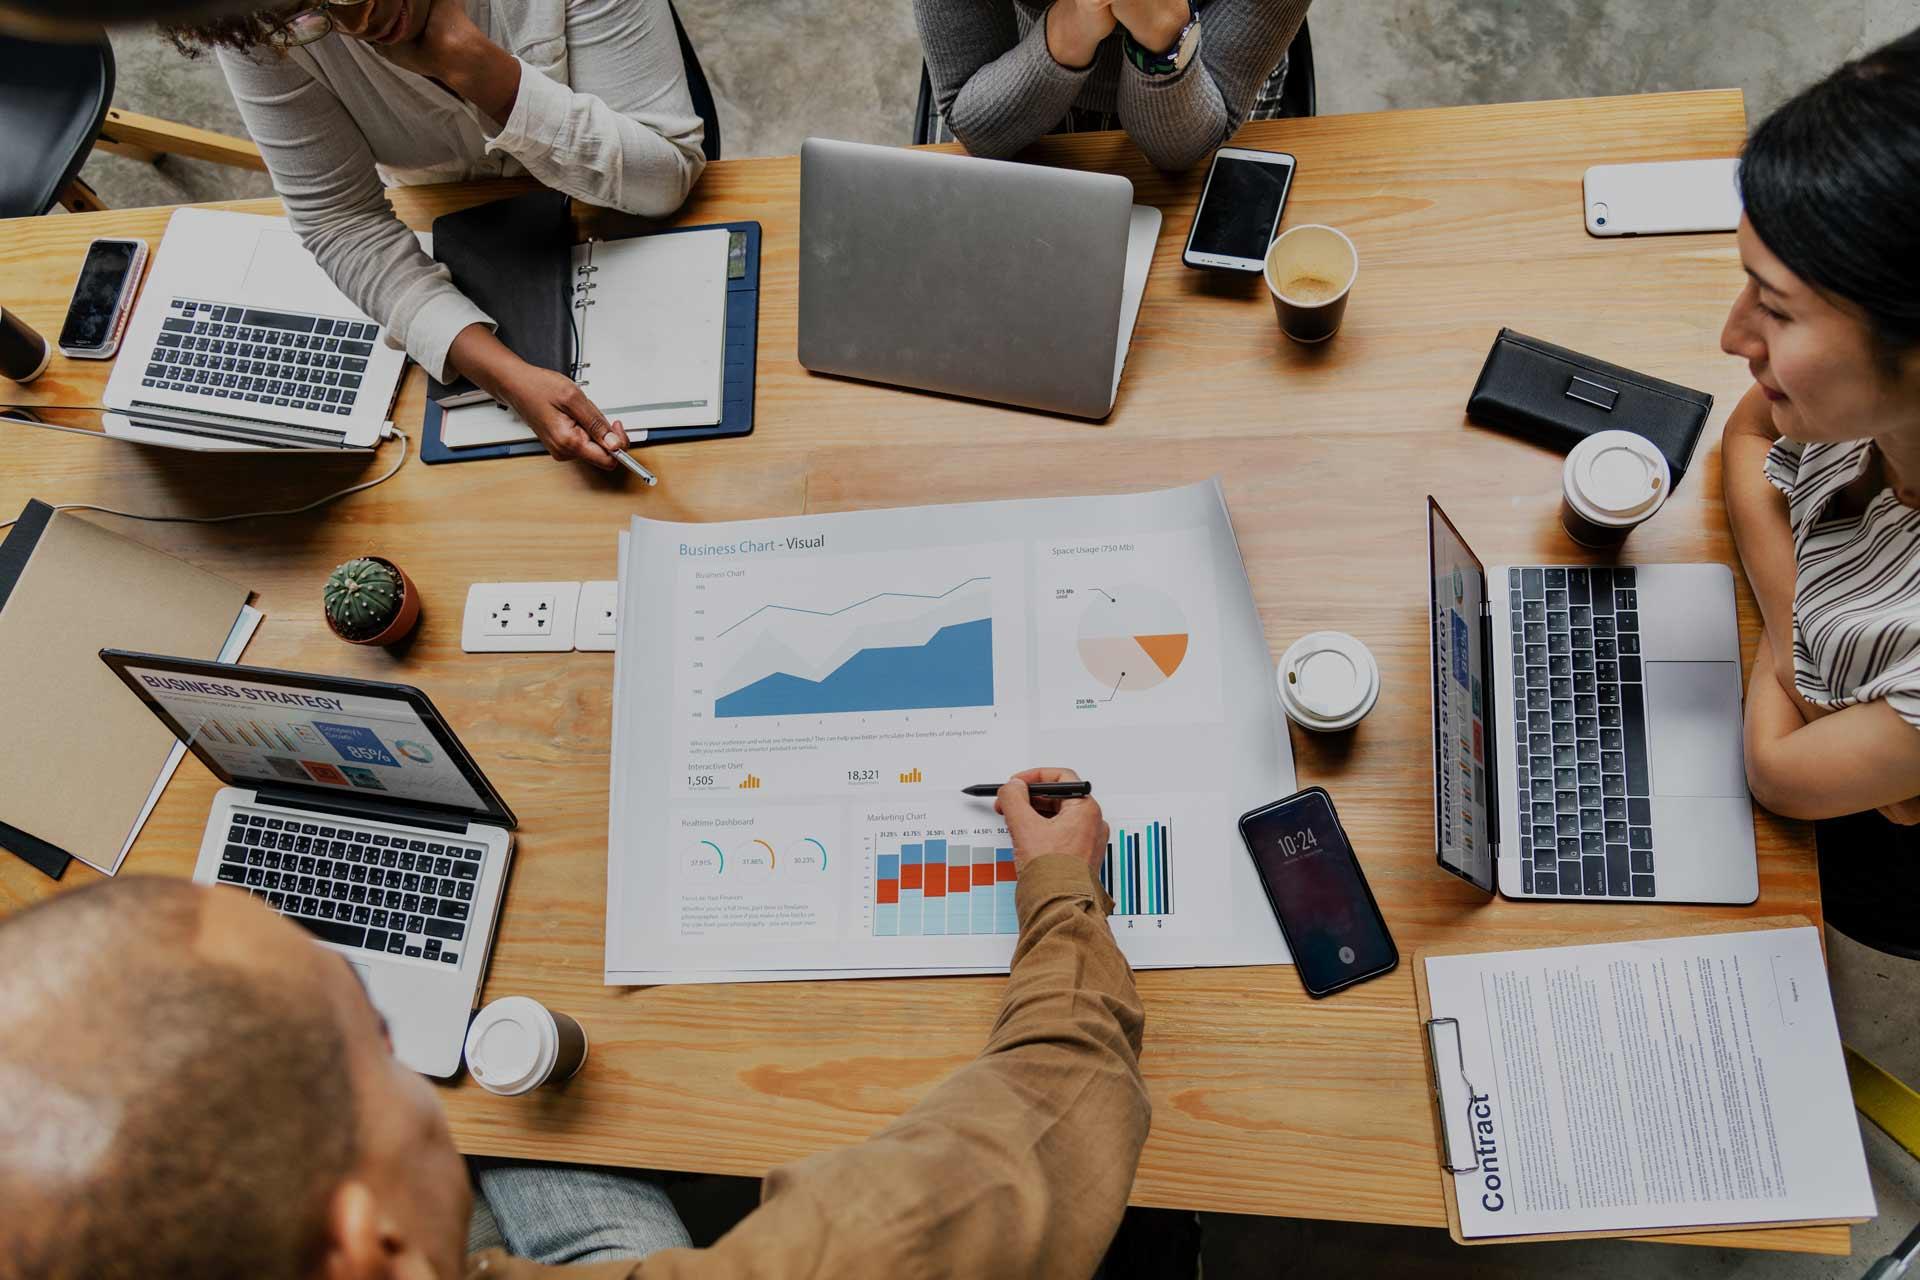 Metodología Lean Manufacturing: Qué es y cómo implementarla en tu empresa?